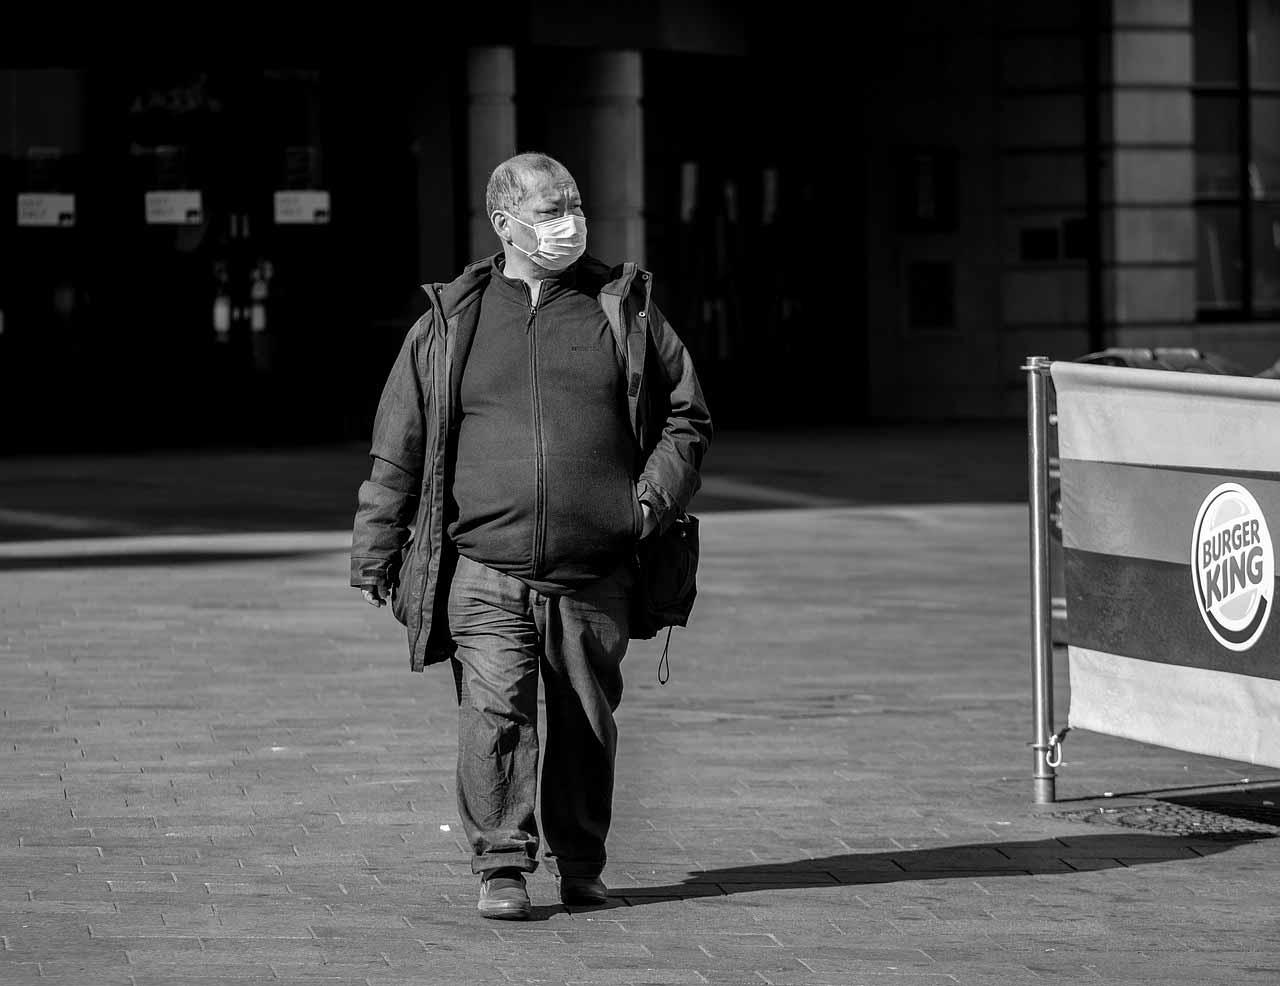 Un homme marchant dans la rue